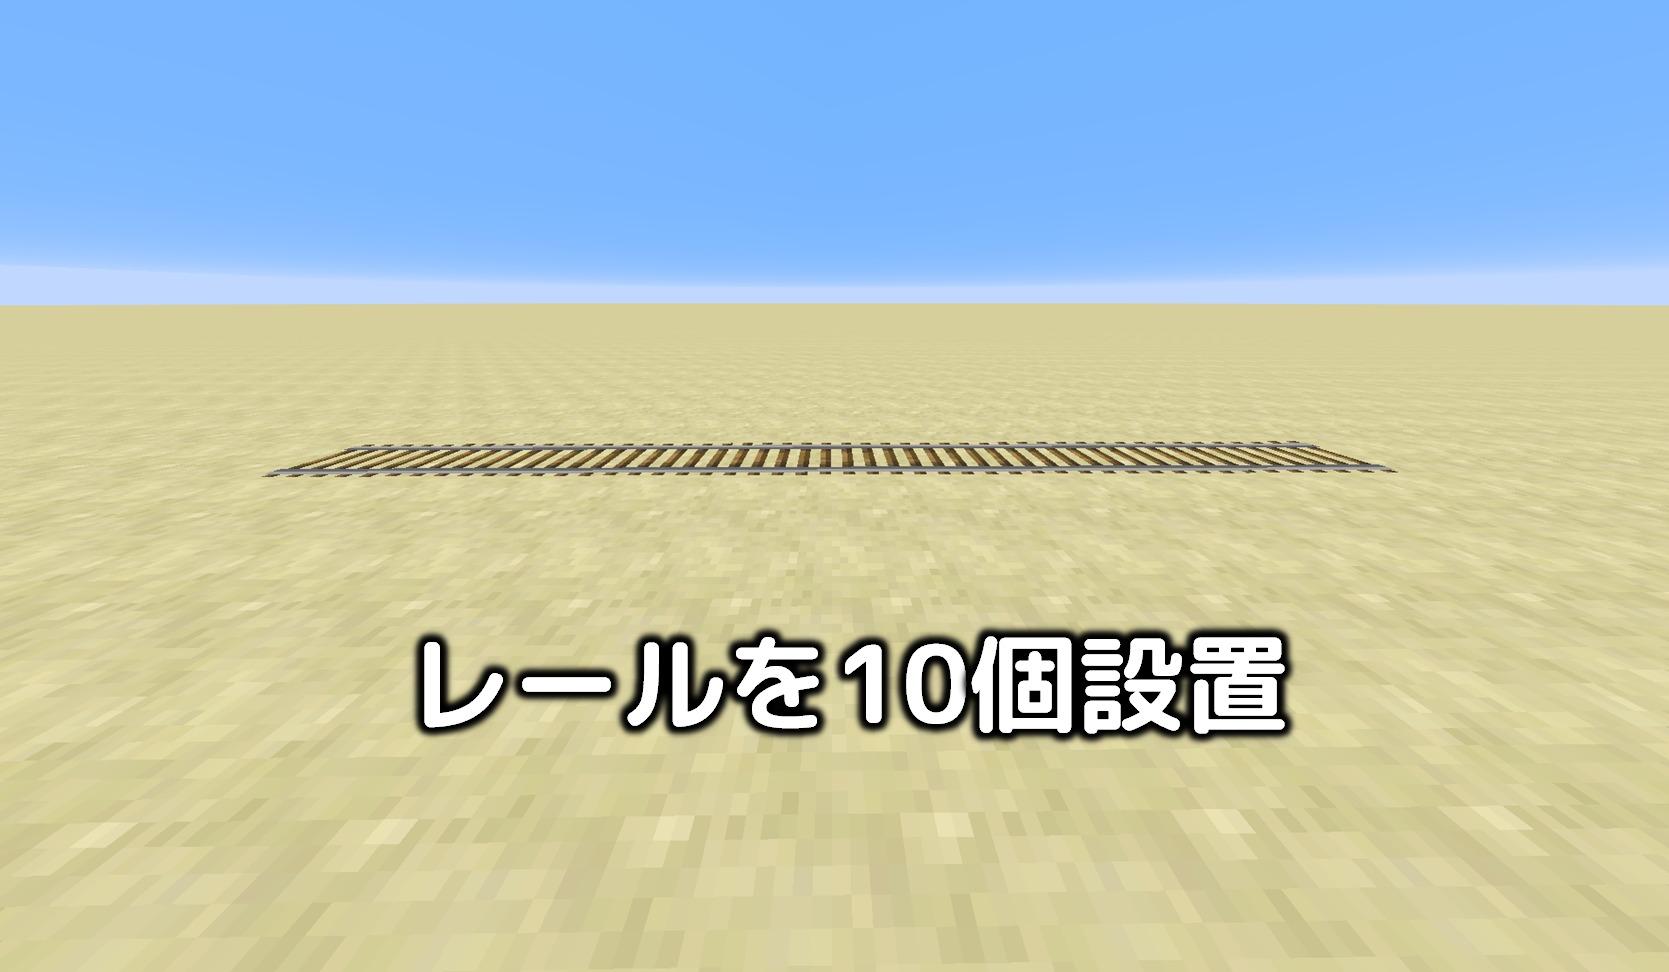 収穫 自動 マイクラ 機 サトウキビ